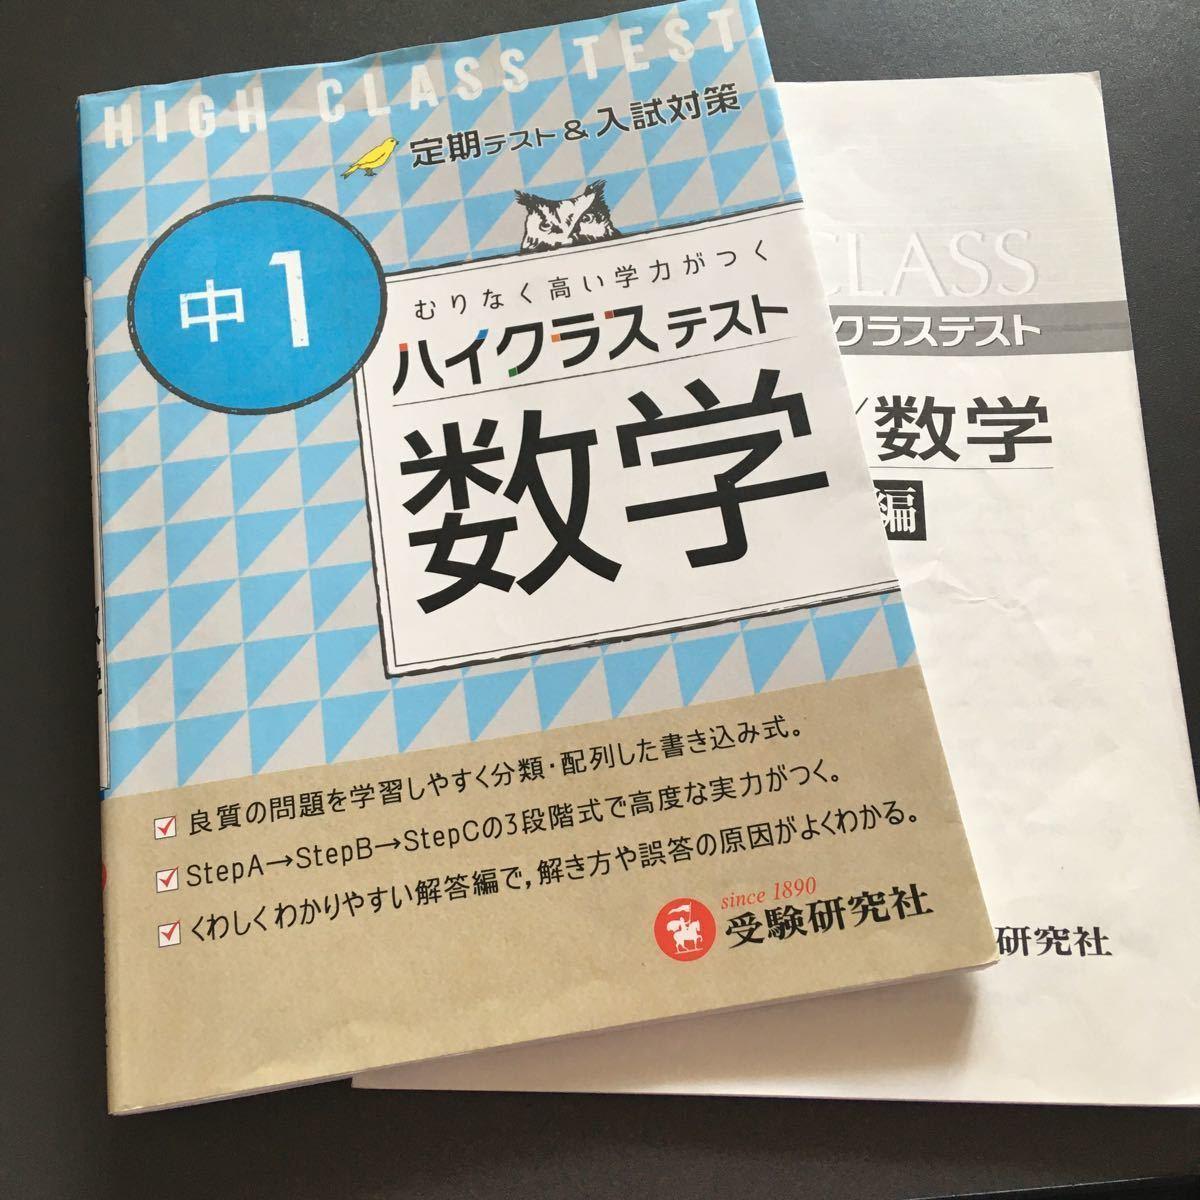 研究 社 テスト 受験 ハイ クラス 中3ハイクラステスト理科 /